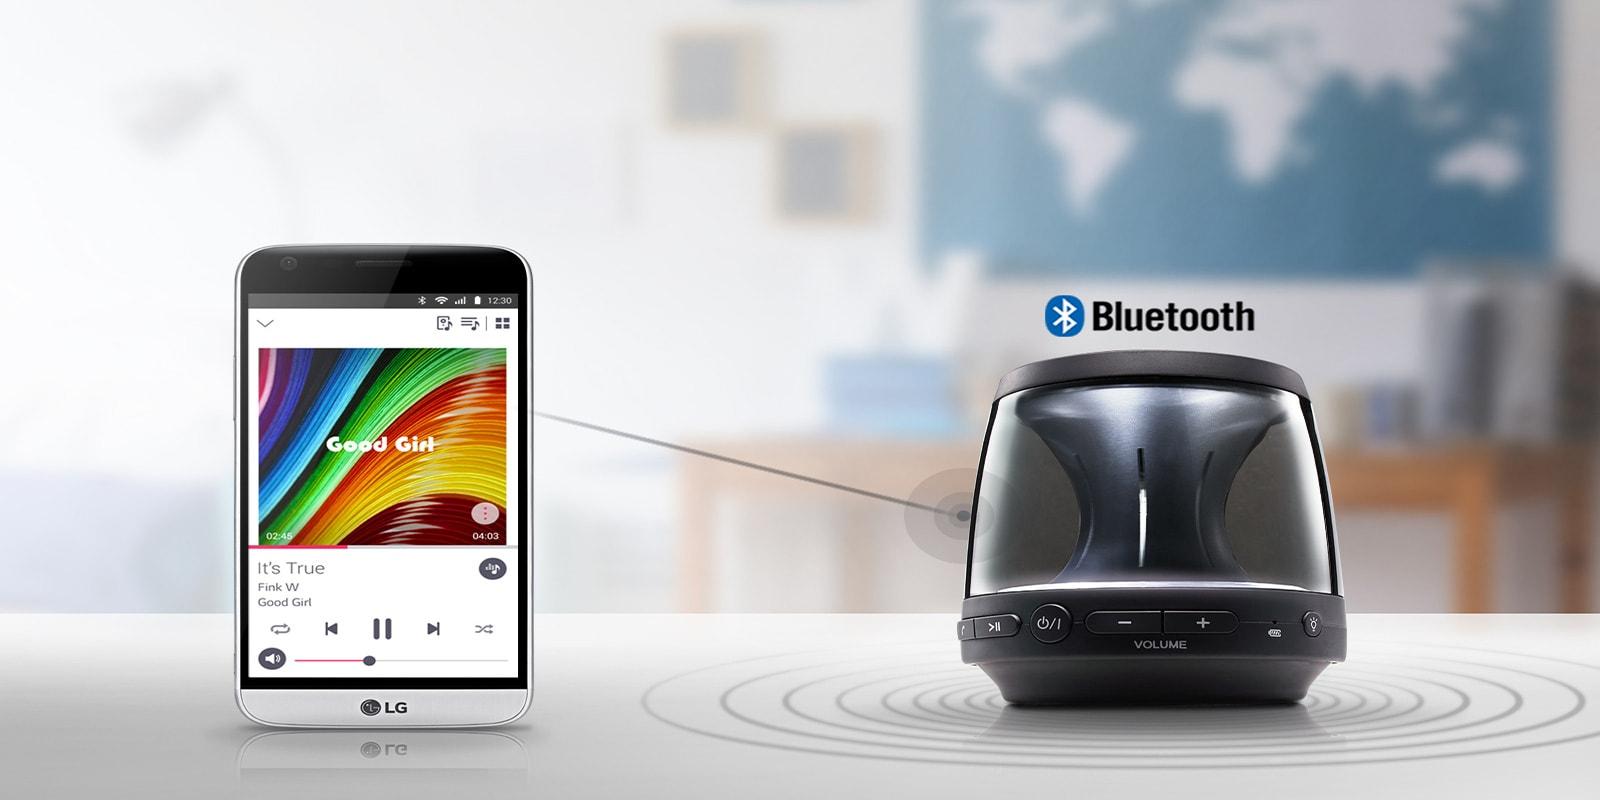 Compatibilité Bluetooth<br>1